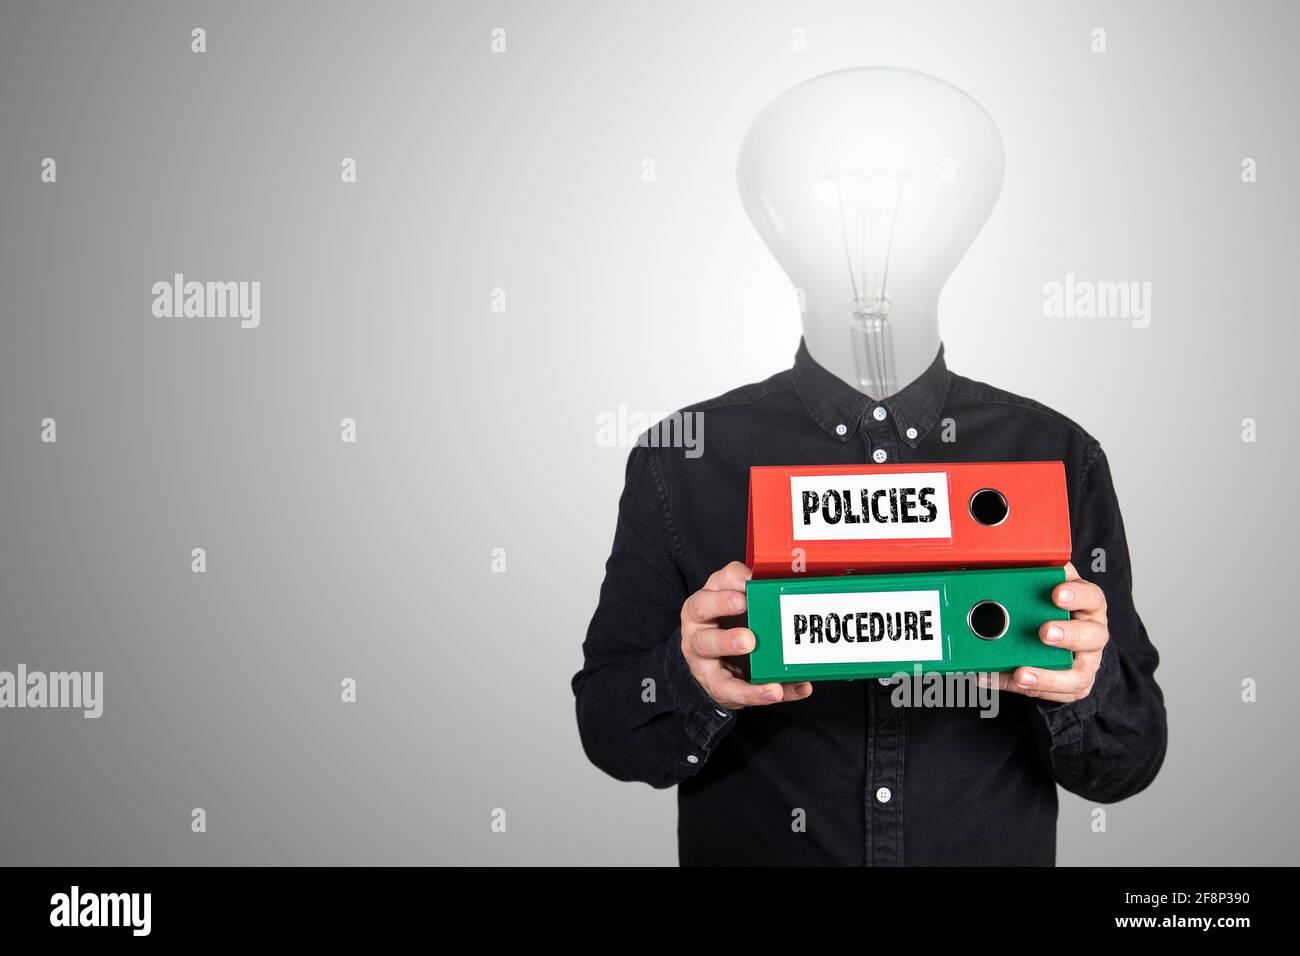 Políticas y procedimientos. Hombre de negocios abstracto con carpetas de documentos en la mano. Foto de stock